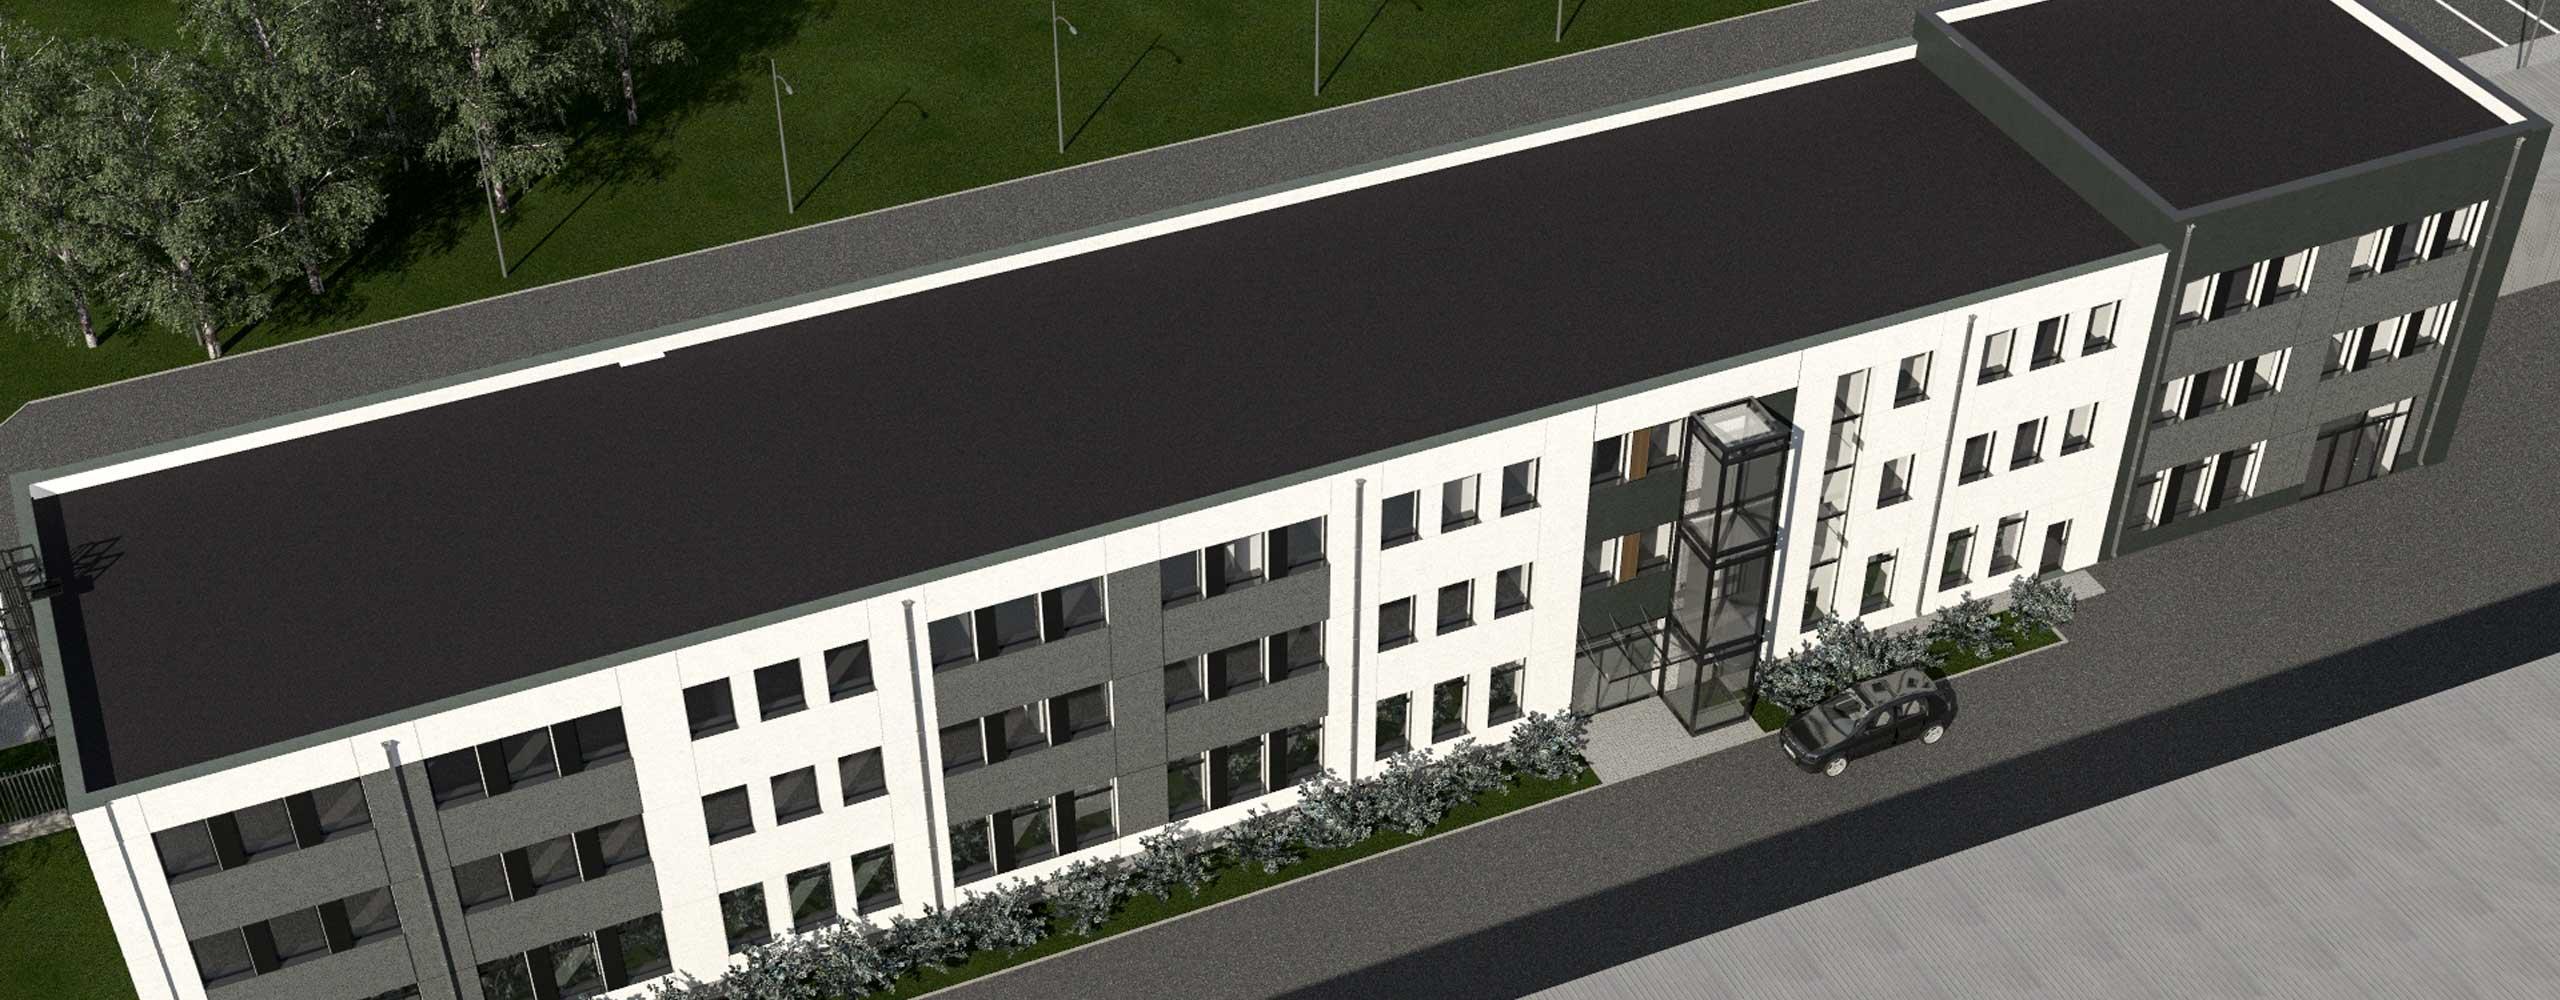 biuro o powierzchni 16,1 m<sup>2</sup> - Farbud Nieruchomości - Lublin